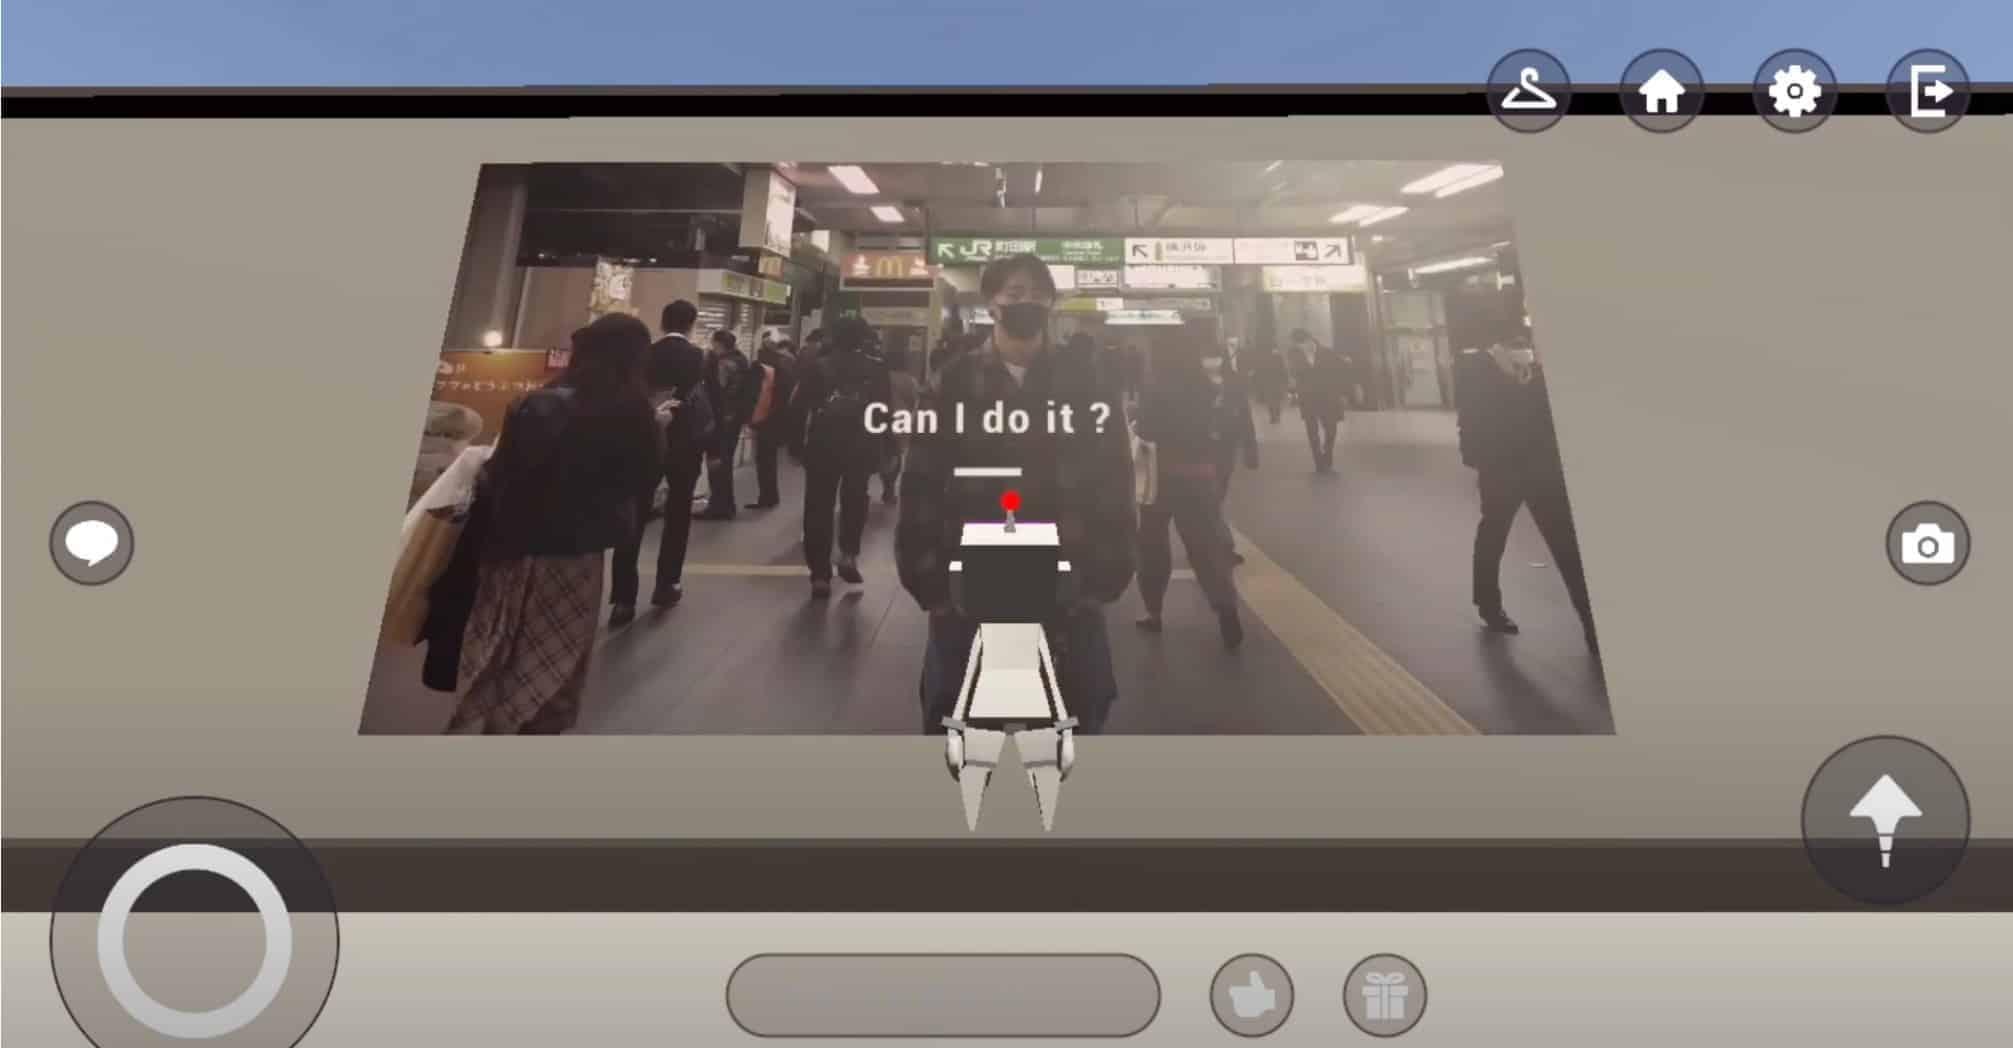 image - 【オンラインゼミ勉強会のお誘い】橋本ゼミの基礎的内容を共に学びませんか?